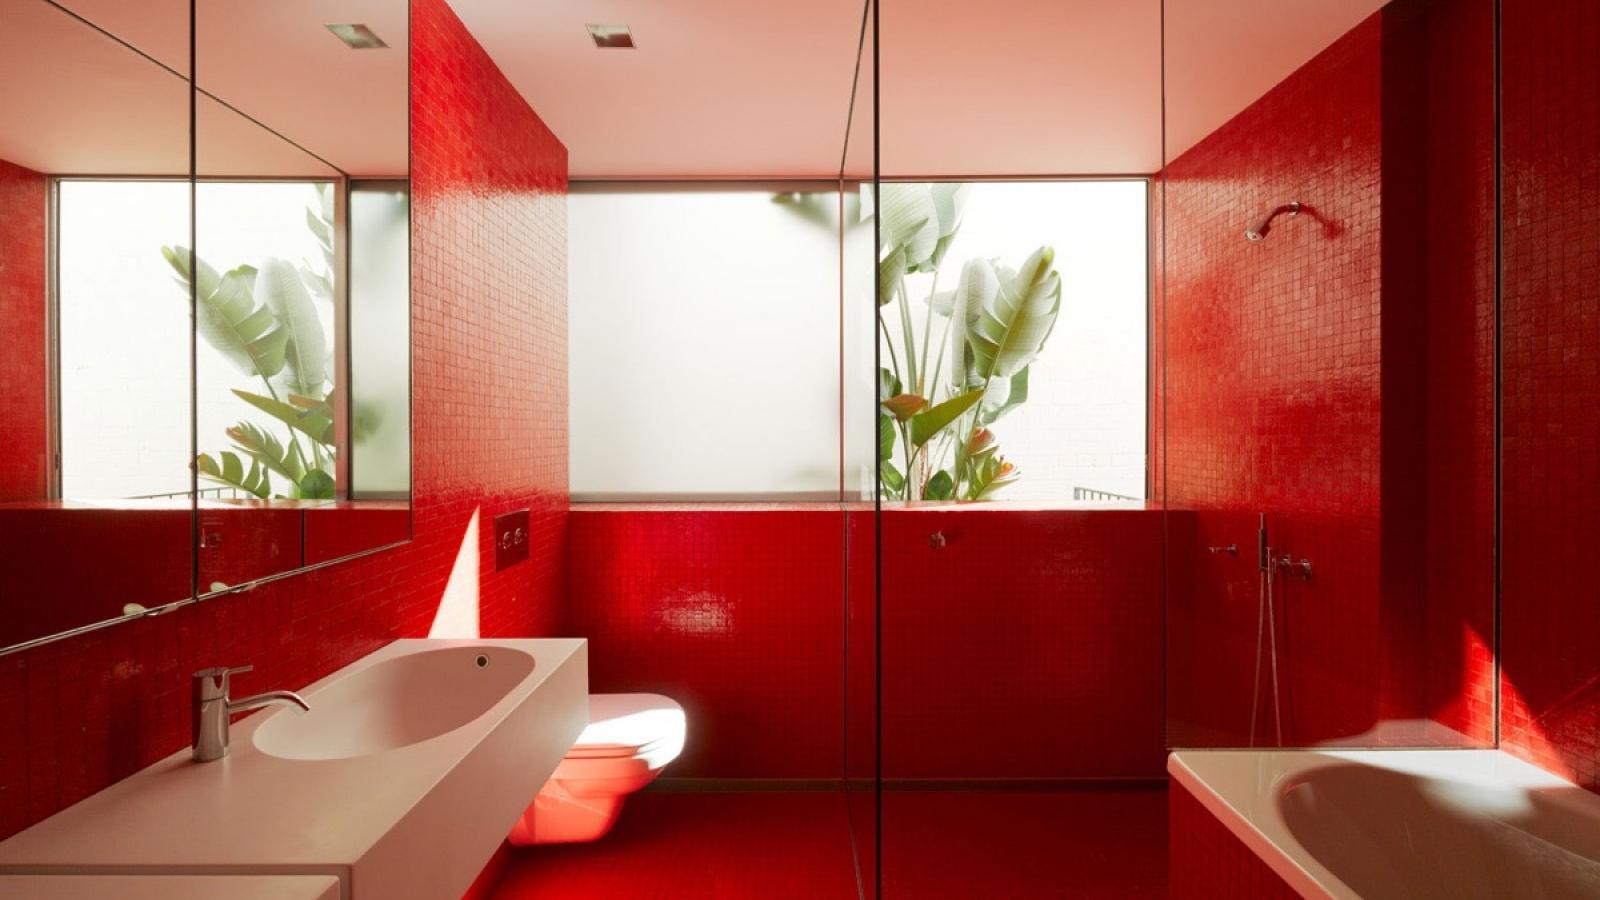 Những ý tưởng tuyệt vời thiết kế nhà tắm mang tông màu đỏ